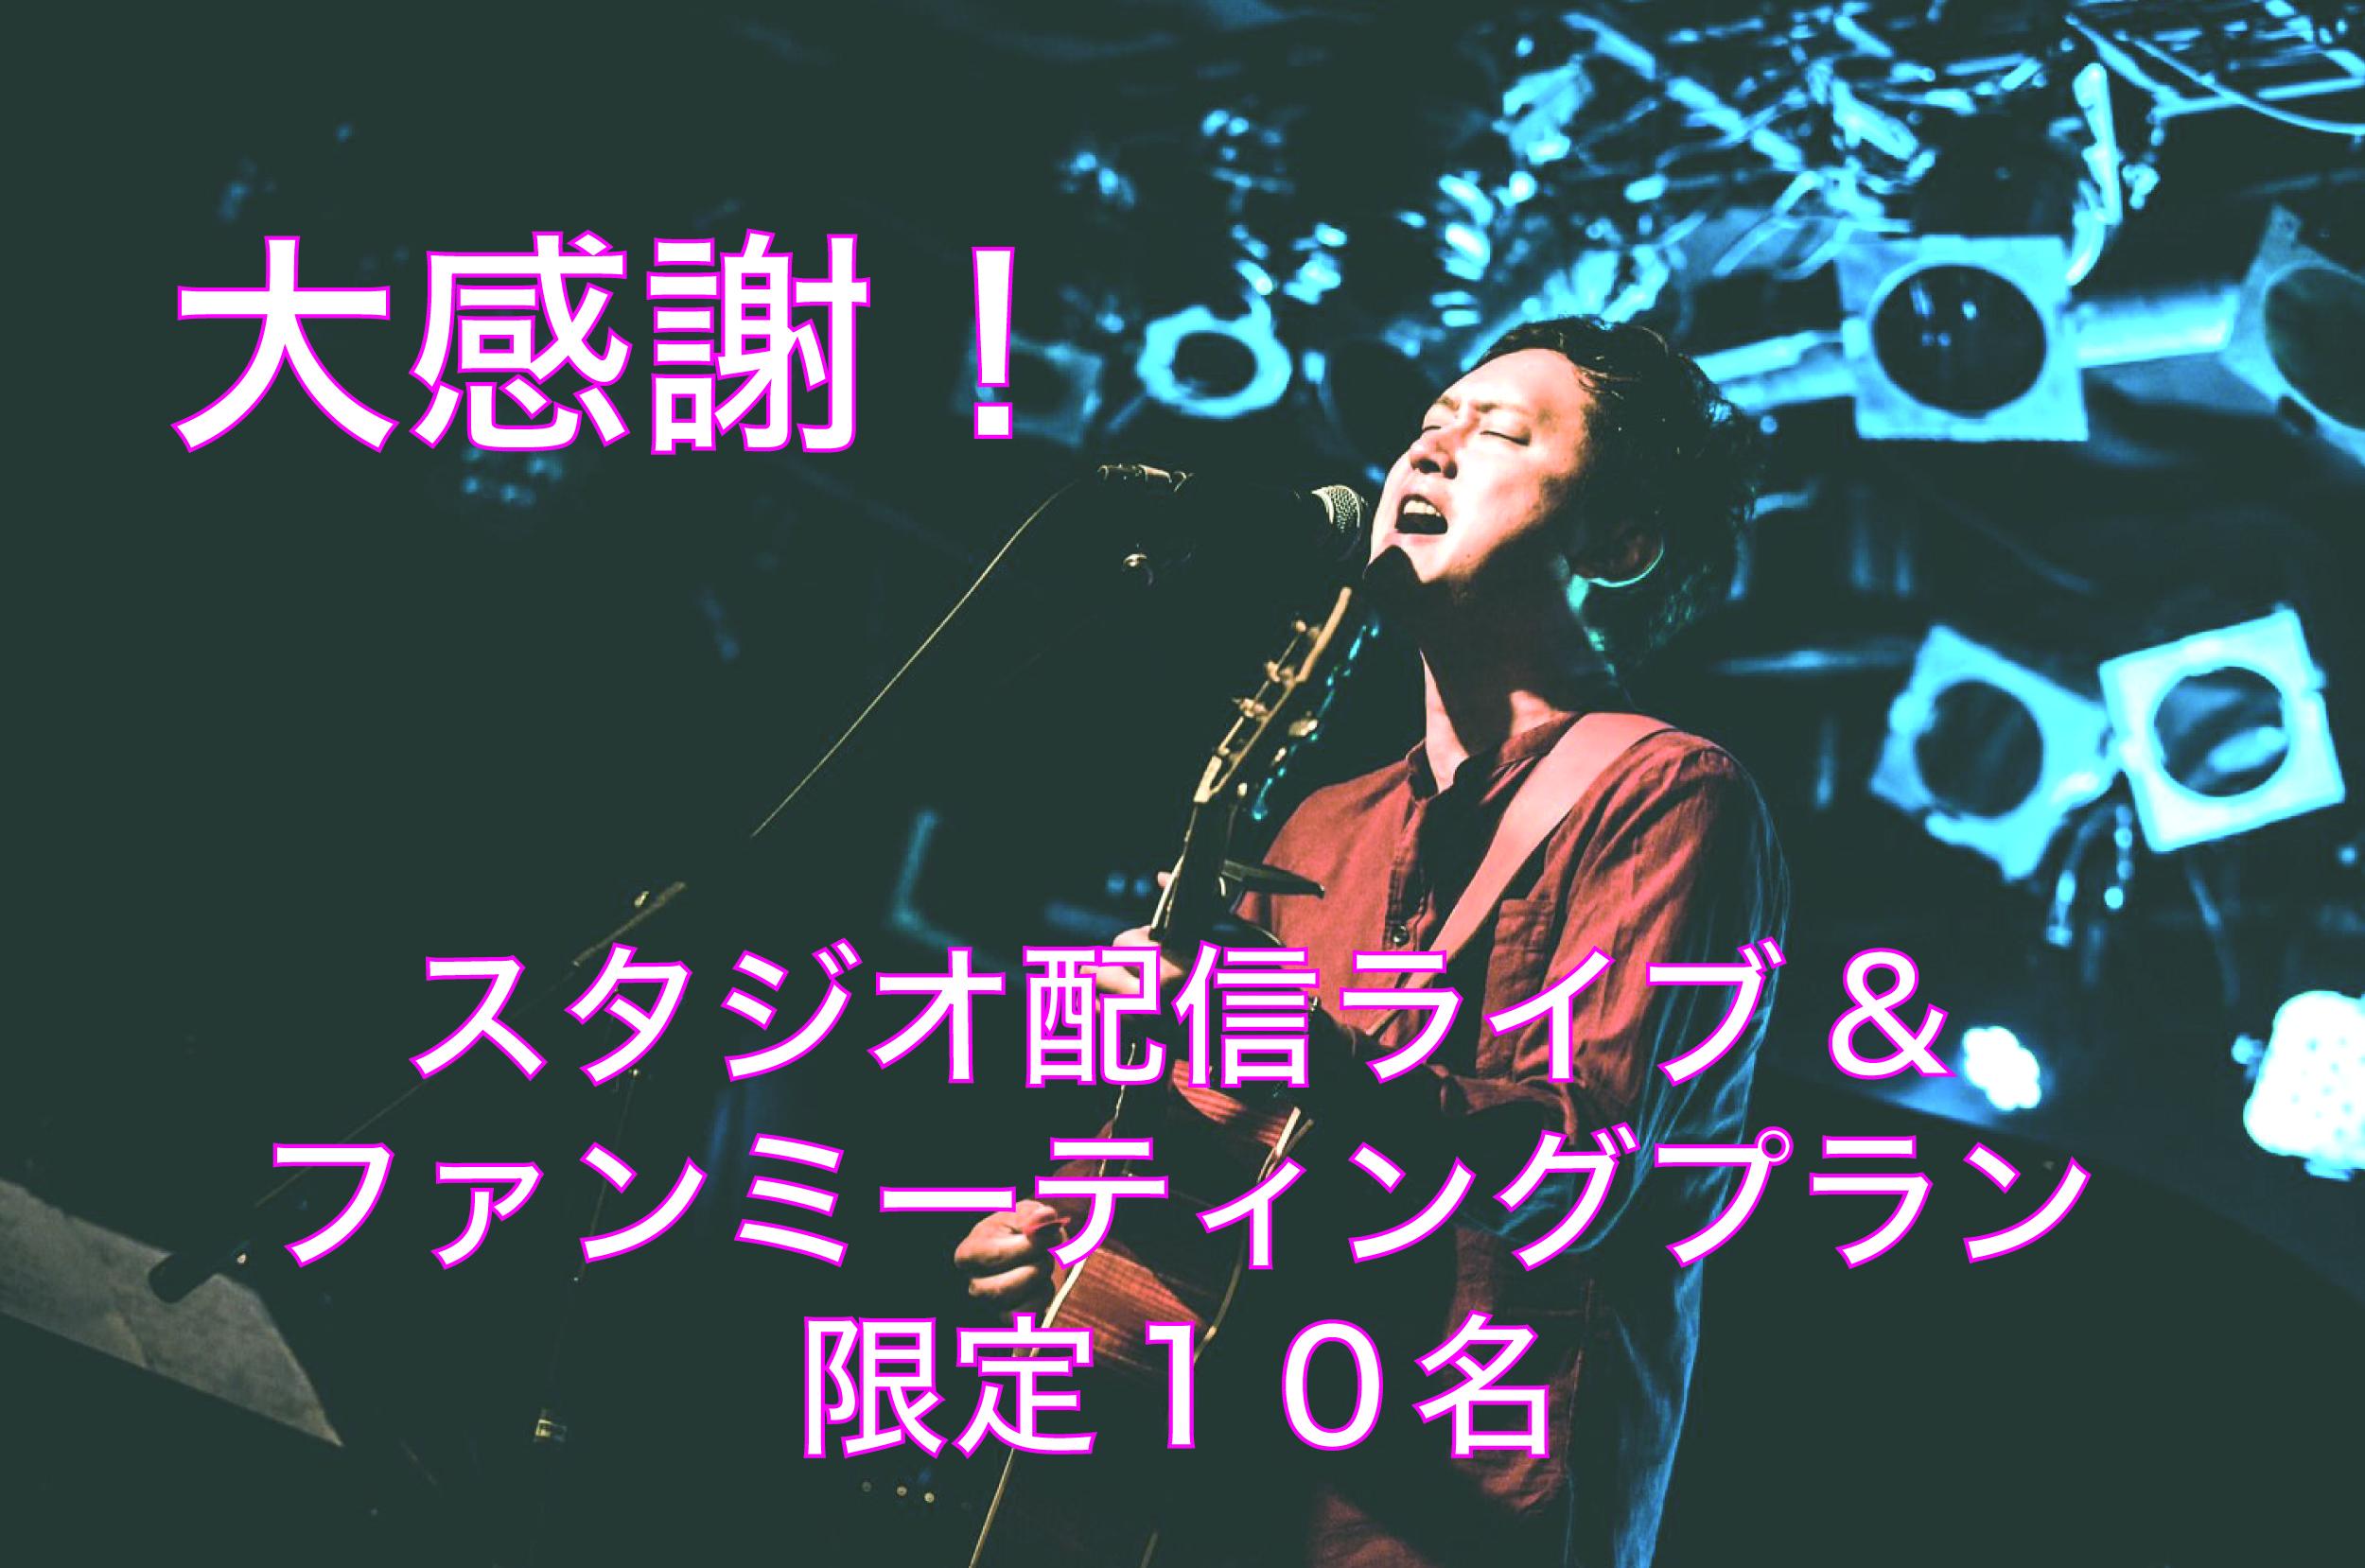 <大感謝!スタジオ配信ライブ&ファンミーティングプラン>限定10名